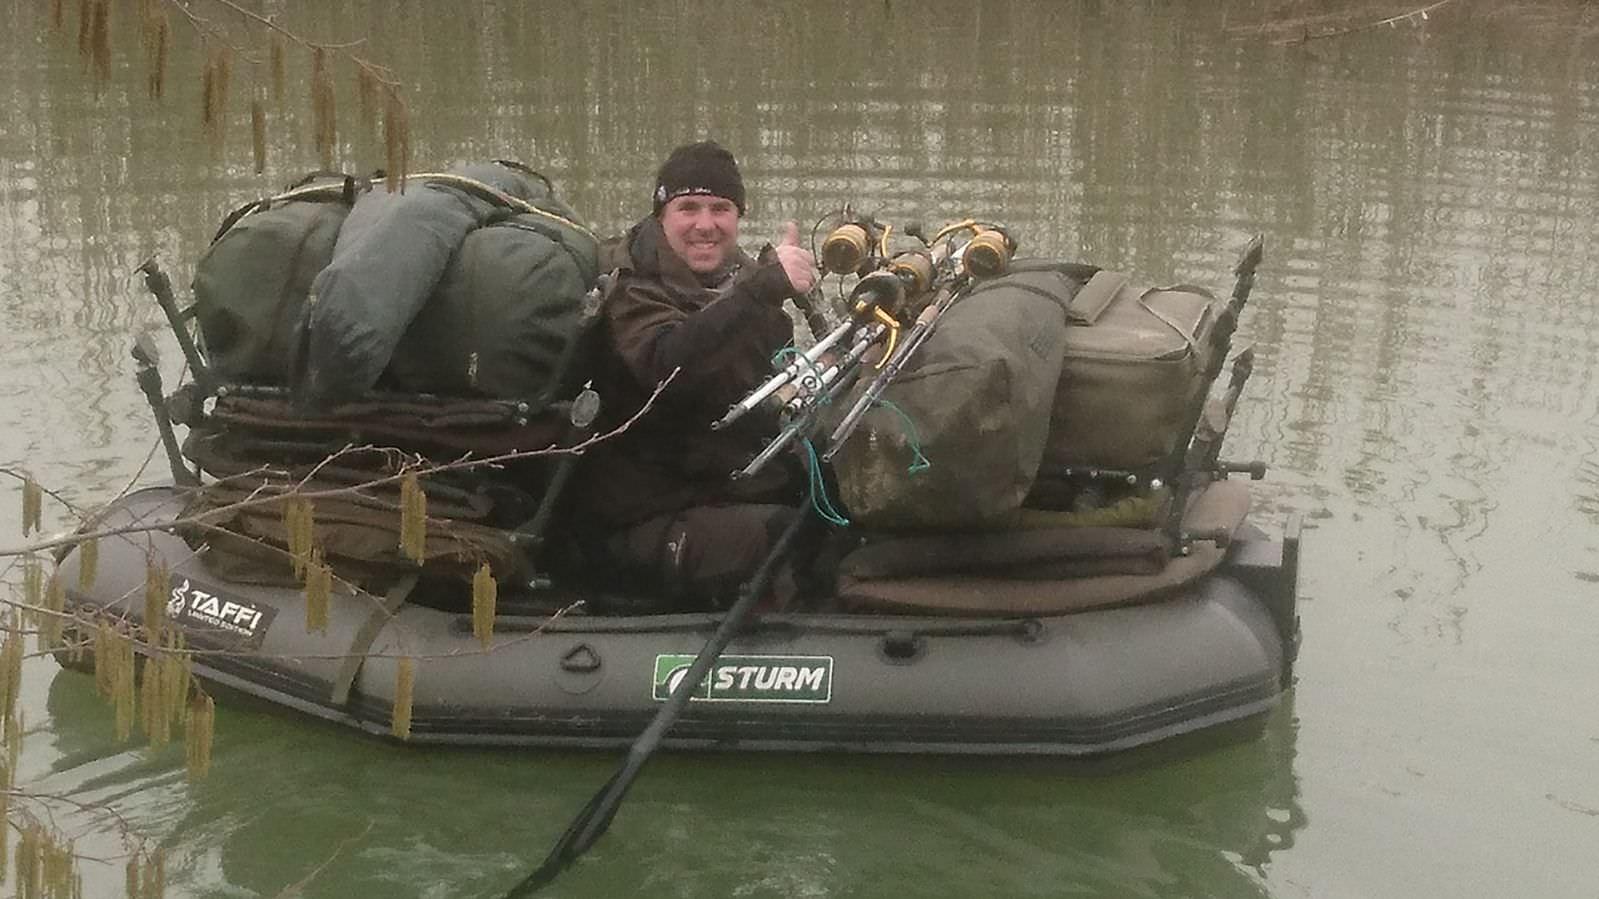 wallerguiding inklusiv übersetzen mit einem sturm schlauchboot bei taffi tackle tours